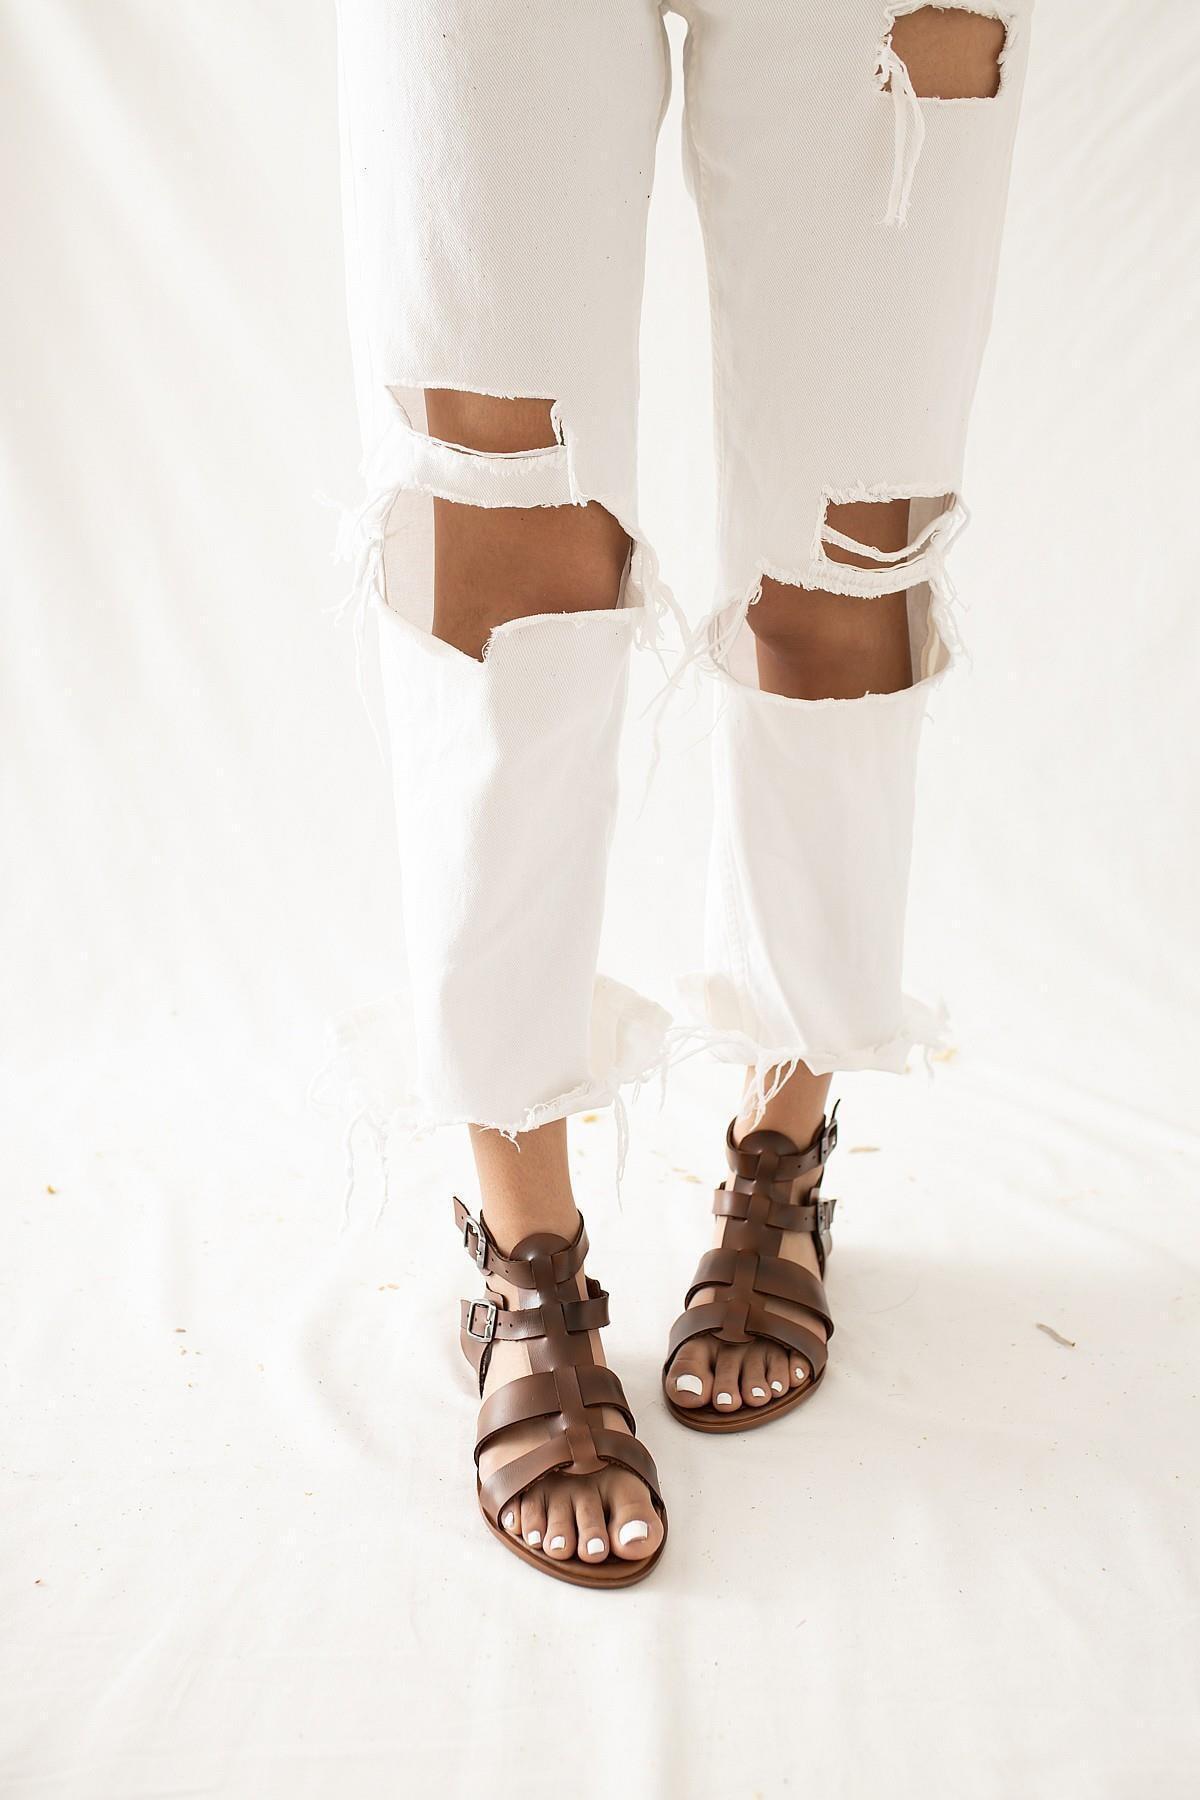 Limoya Kadın Taba Hakiki Deri Kafesli Ayarlanabilir Sandalet